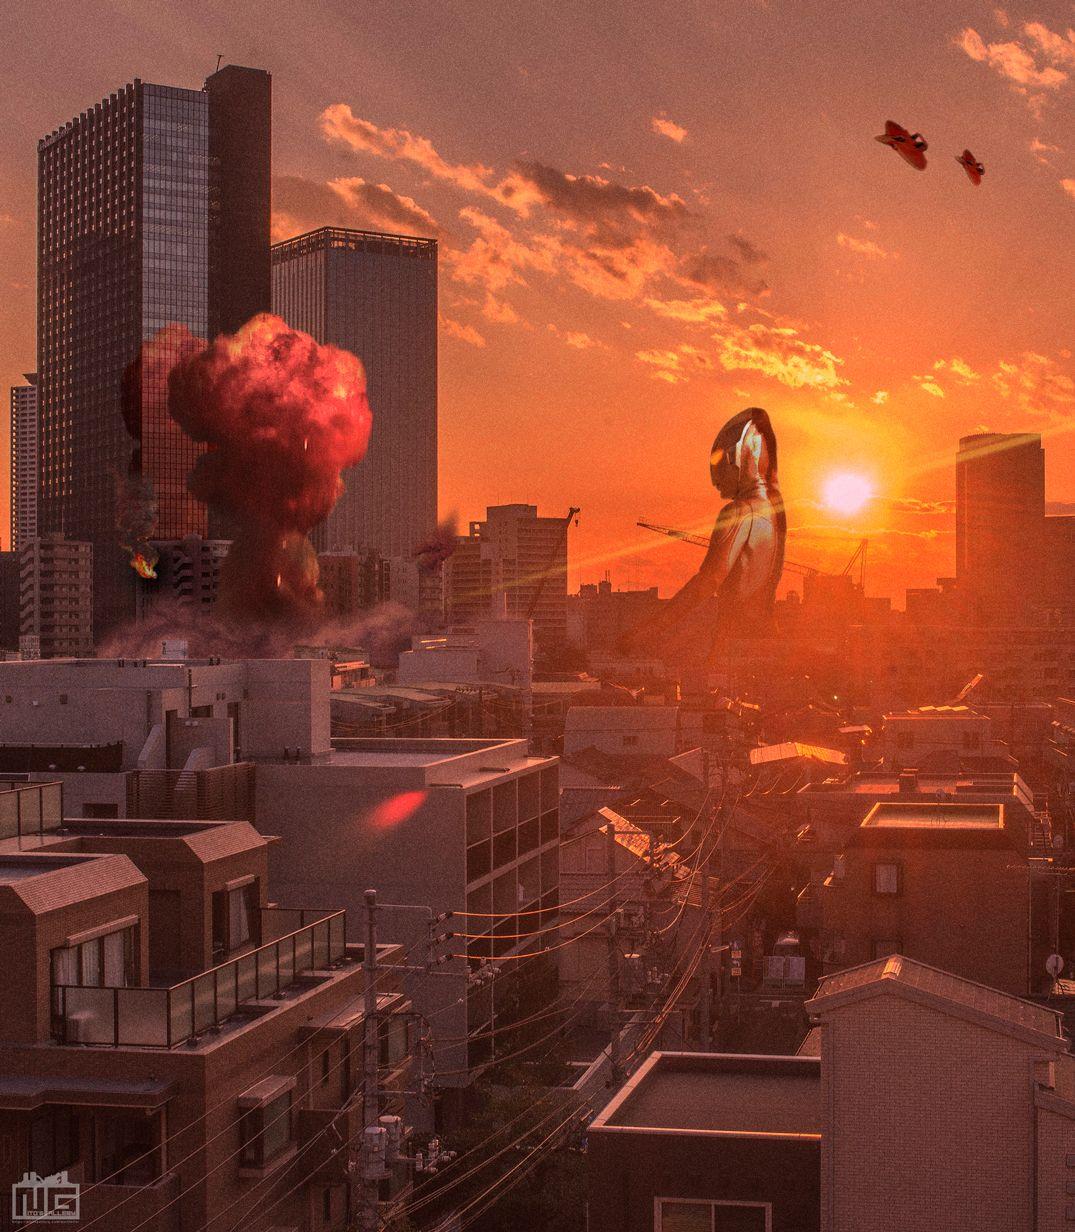 デジラマ 夕日の闘い終わって 帰ってきたウルトラマン 帰ってきたウルトラマン 風景 美しい風景写真